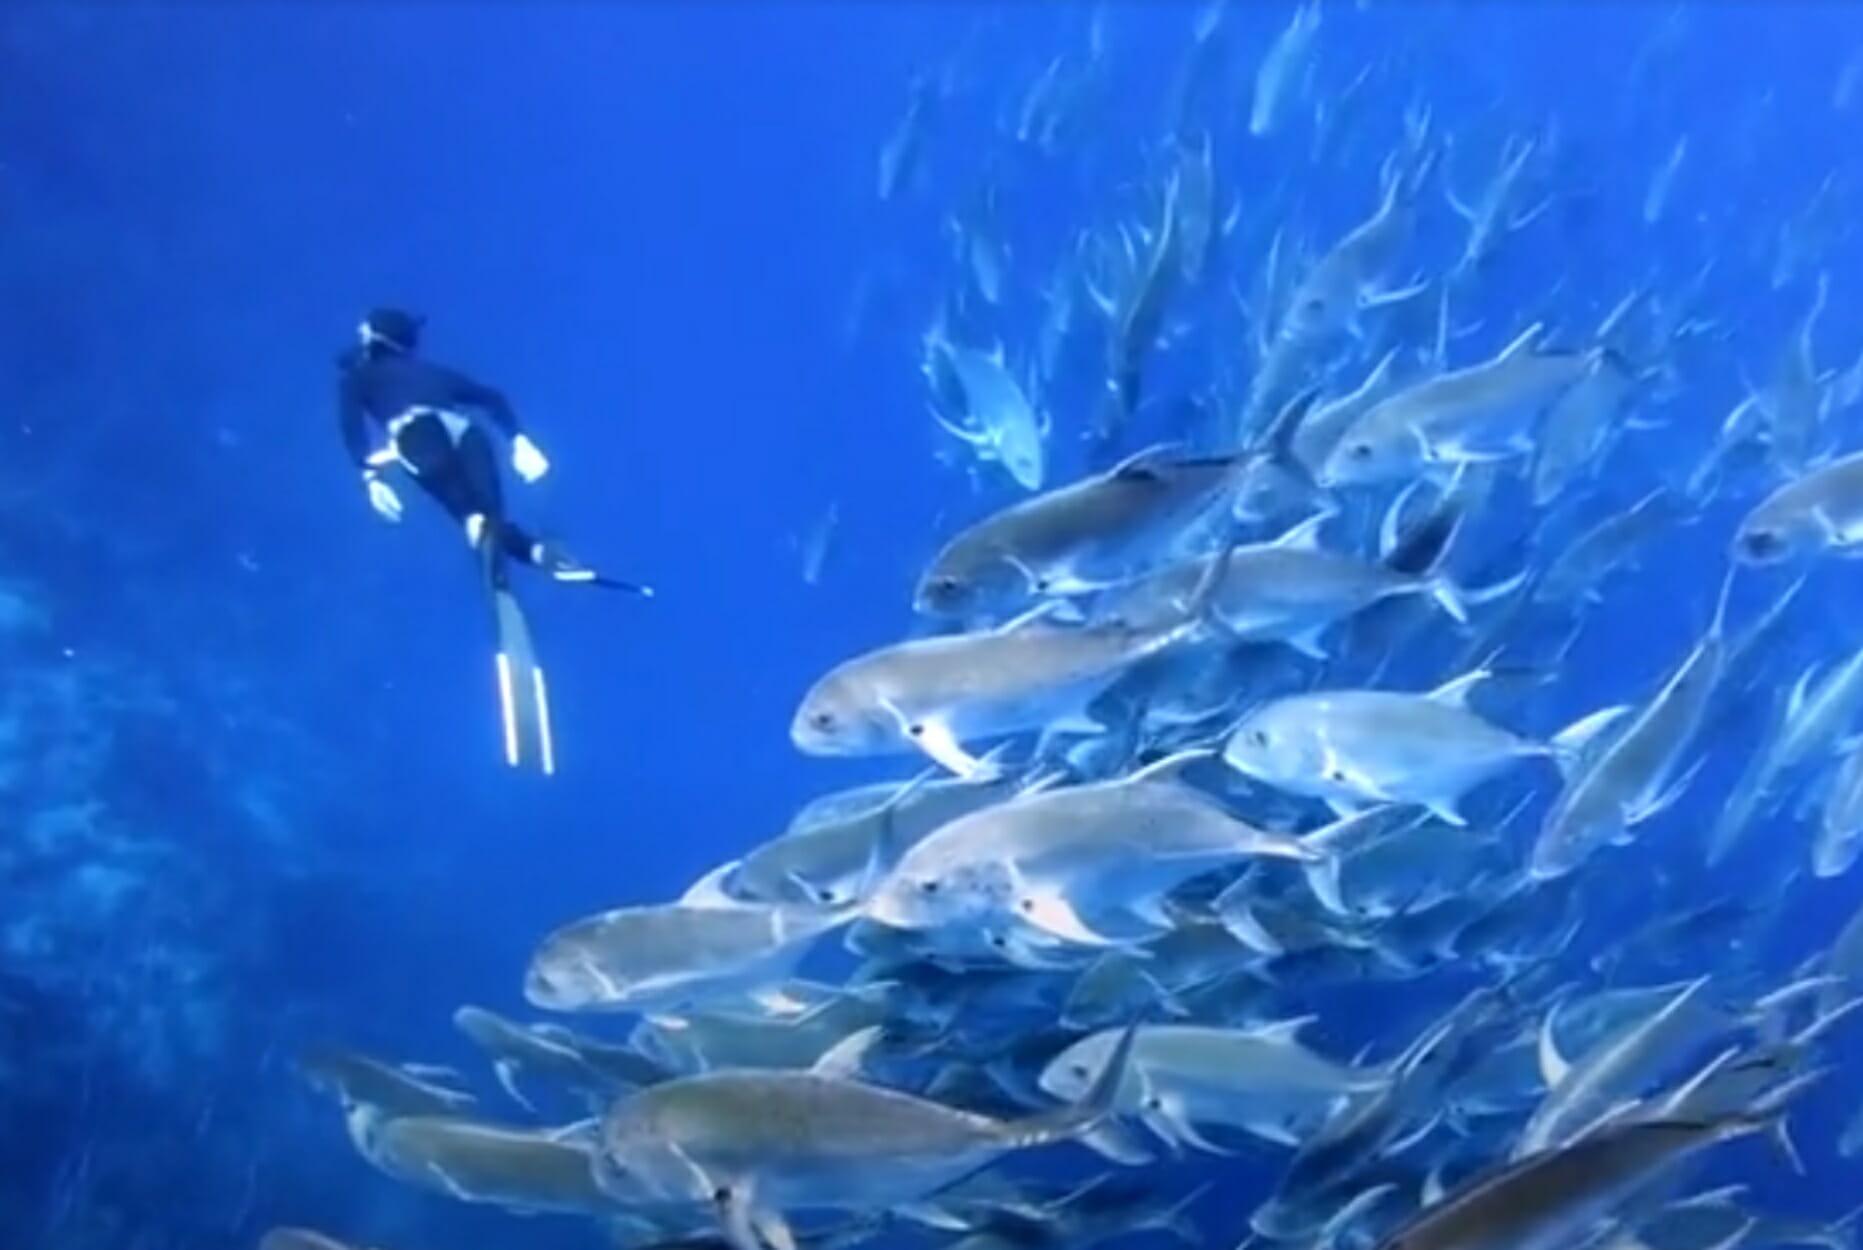 Δύτης περικυκλώνεται από κοπάδι ψαριών και το θέαμα είναι φανταστικό!